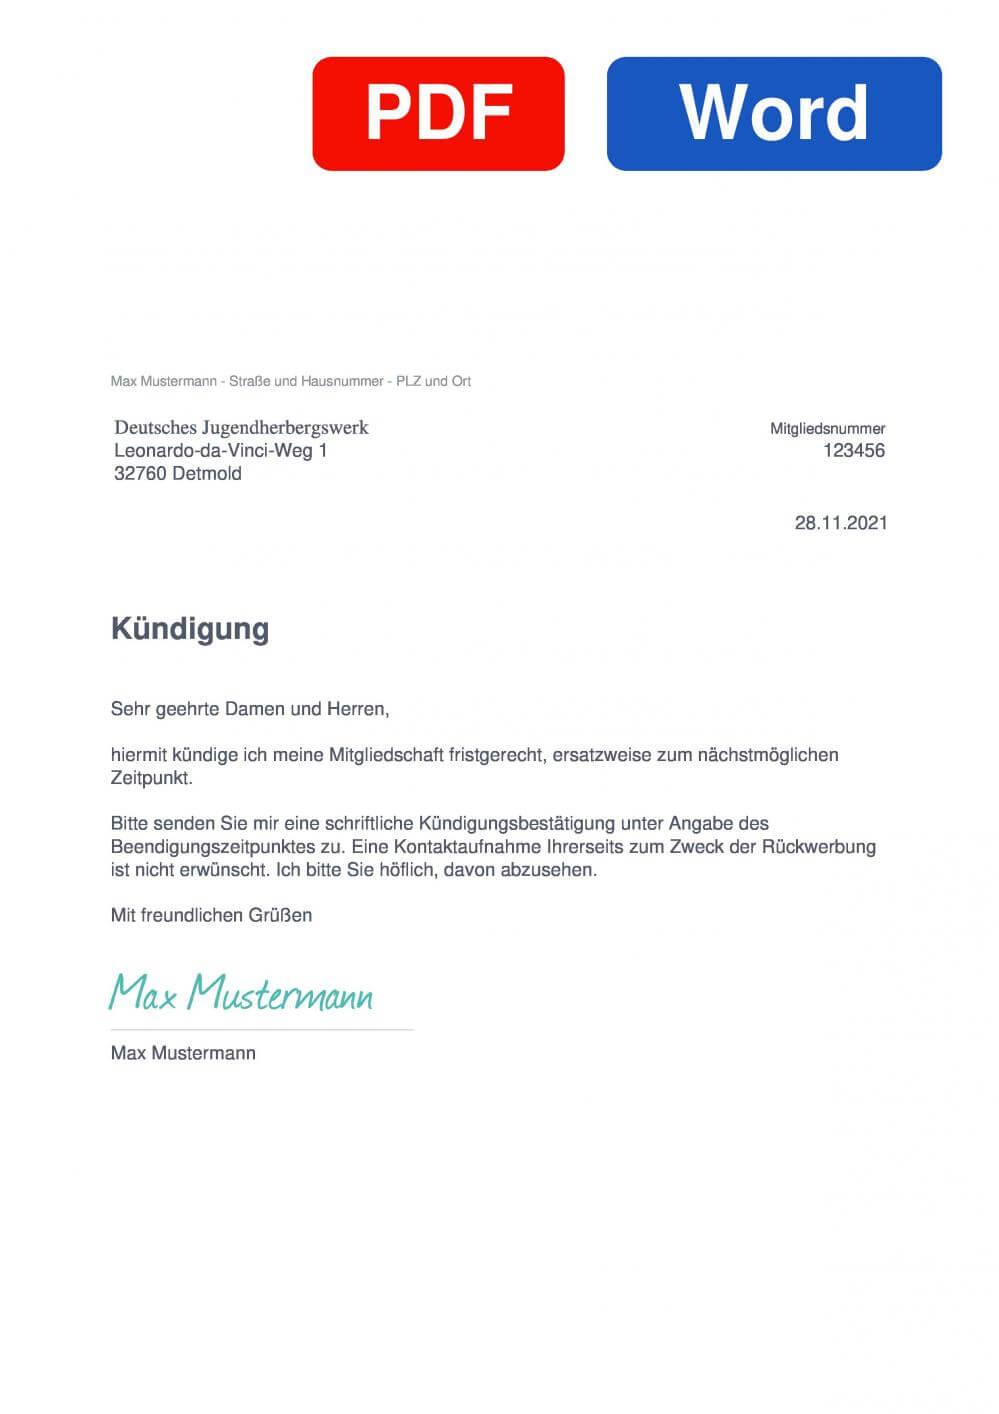 DJH Muster Vorlage für Kündigungsschreiben